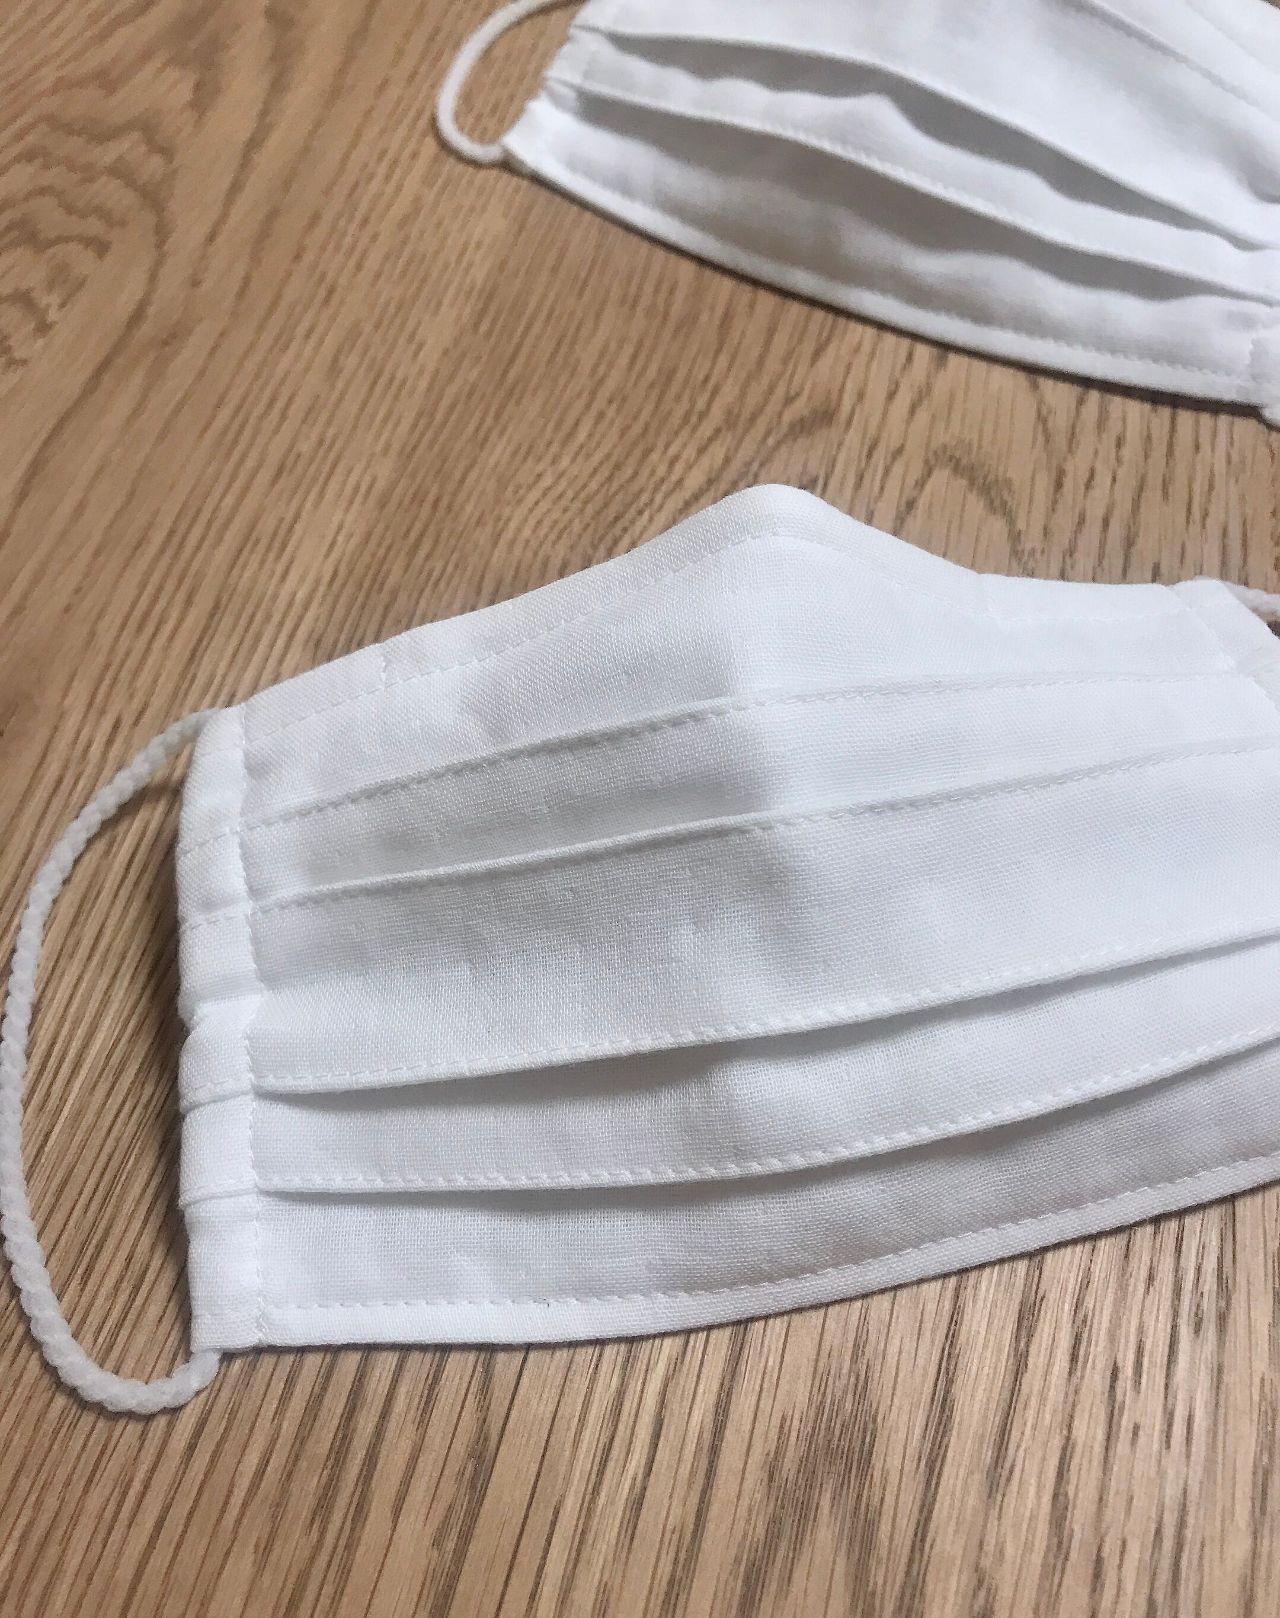 マスク 型紙 プリーツ の